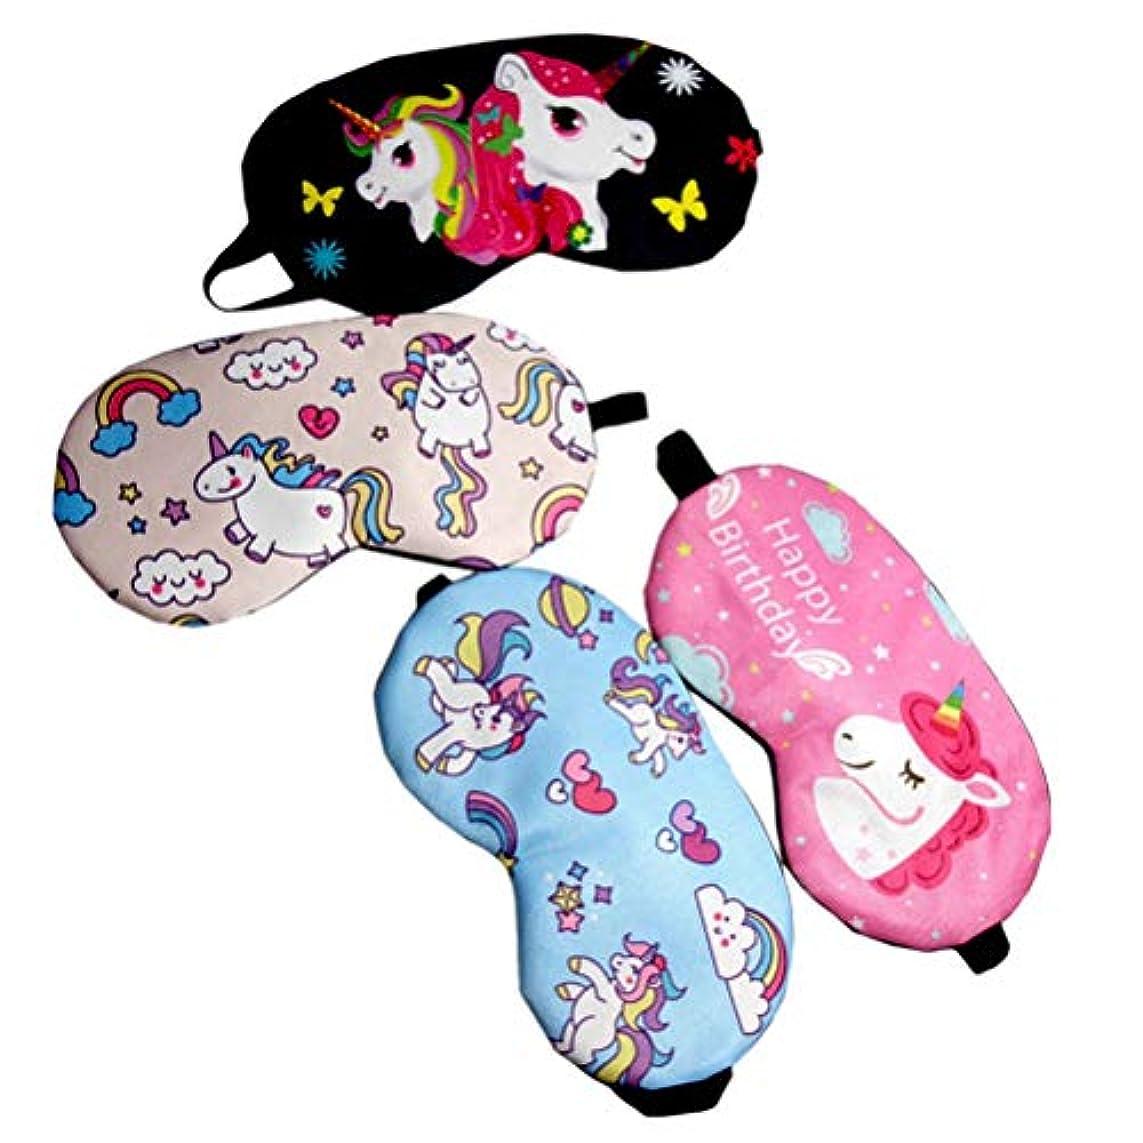 肺意外メッシュ子供のためのBeaupretty 4PCSユニコーン睡眠マスクカバー軽量目隠しソフトアイマスク(ブラック+ローズレッド+ライトピンク+ライトブルー)